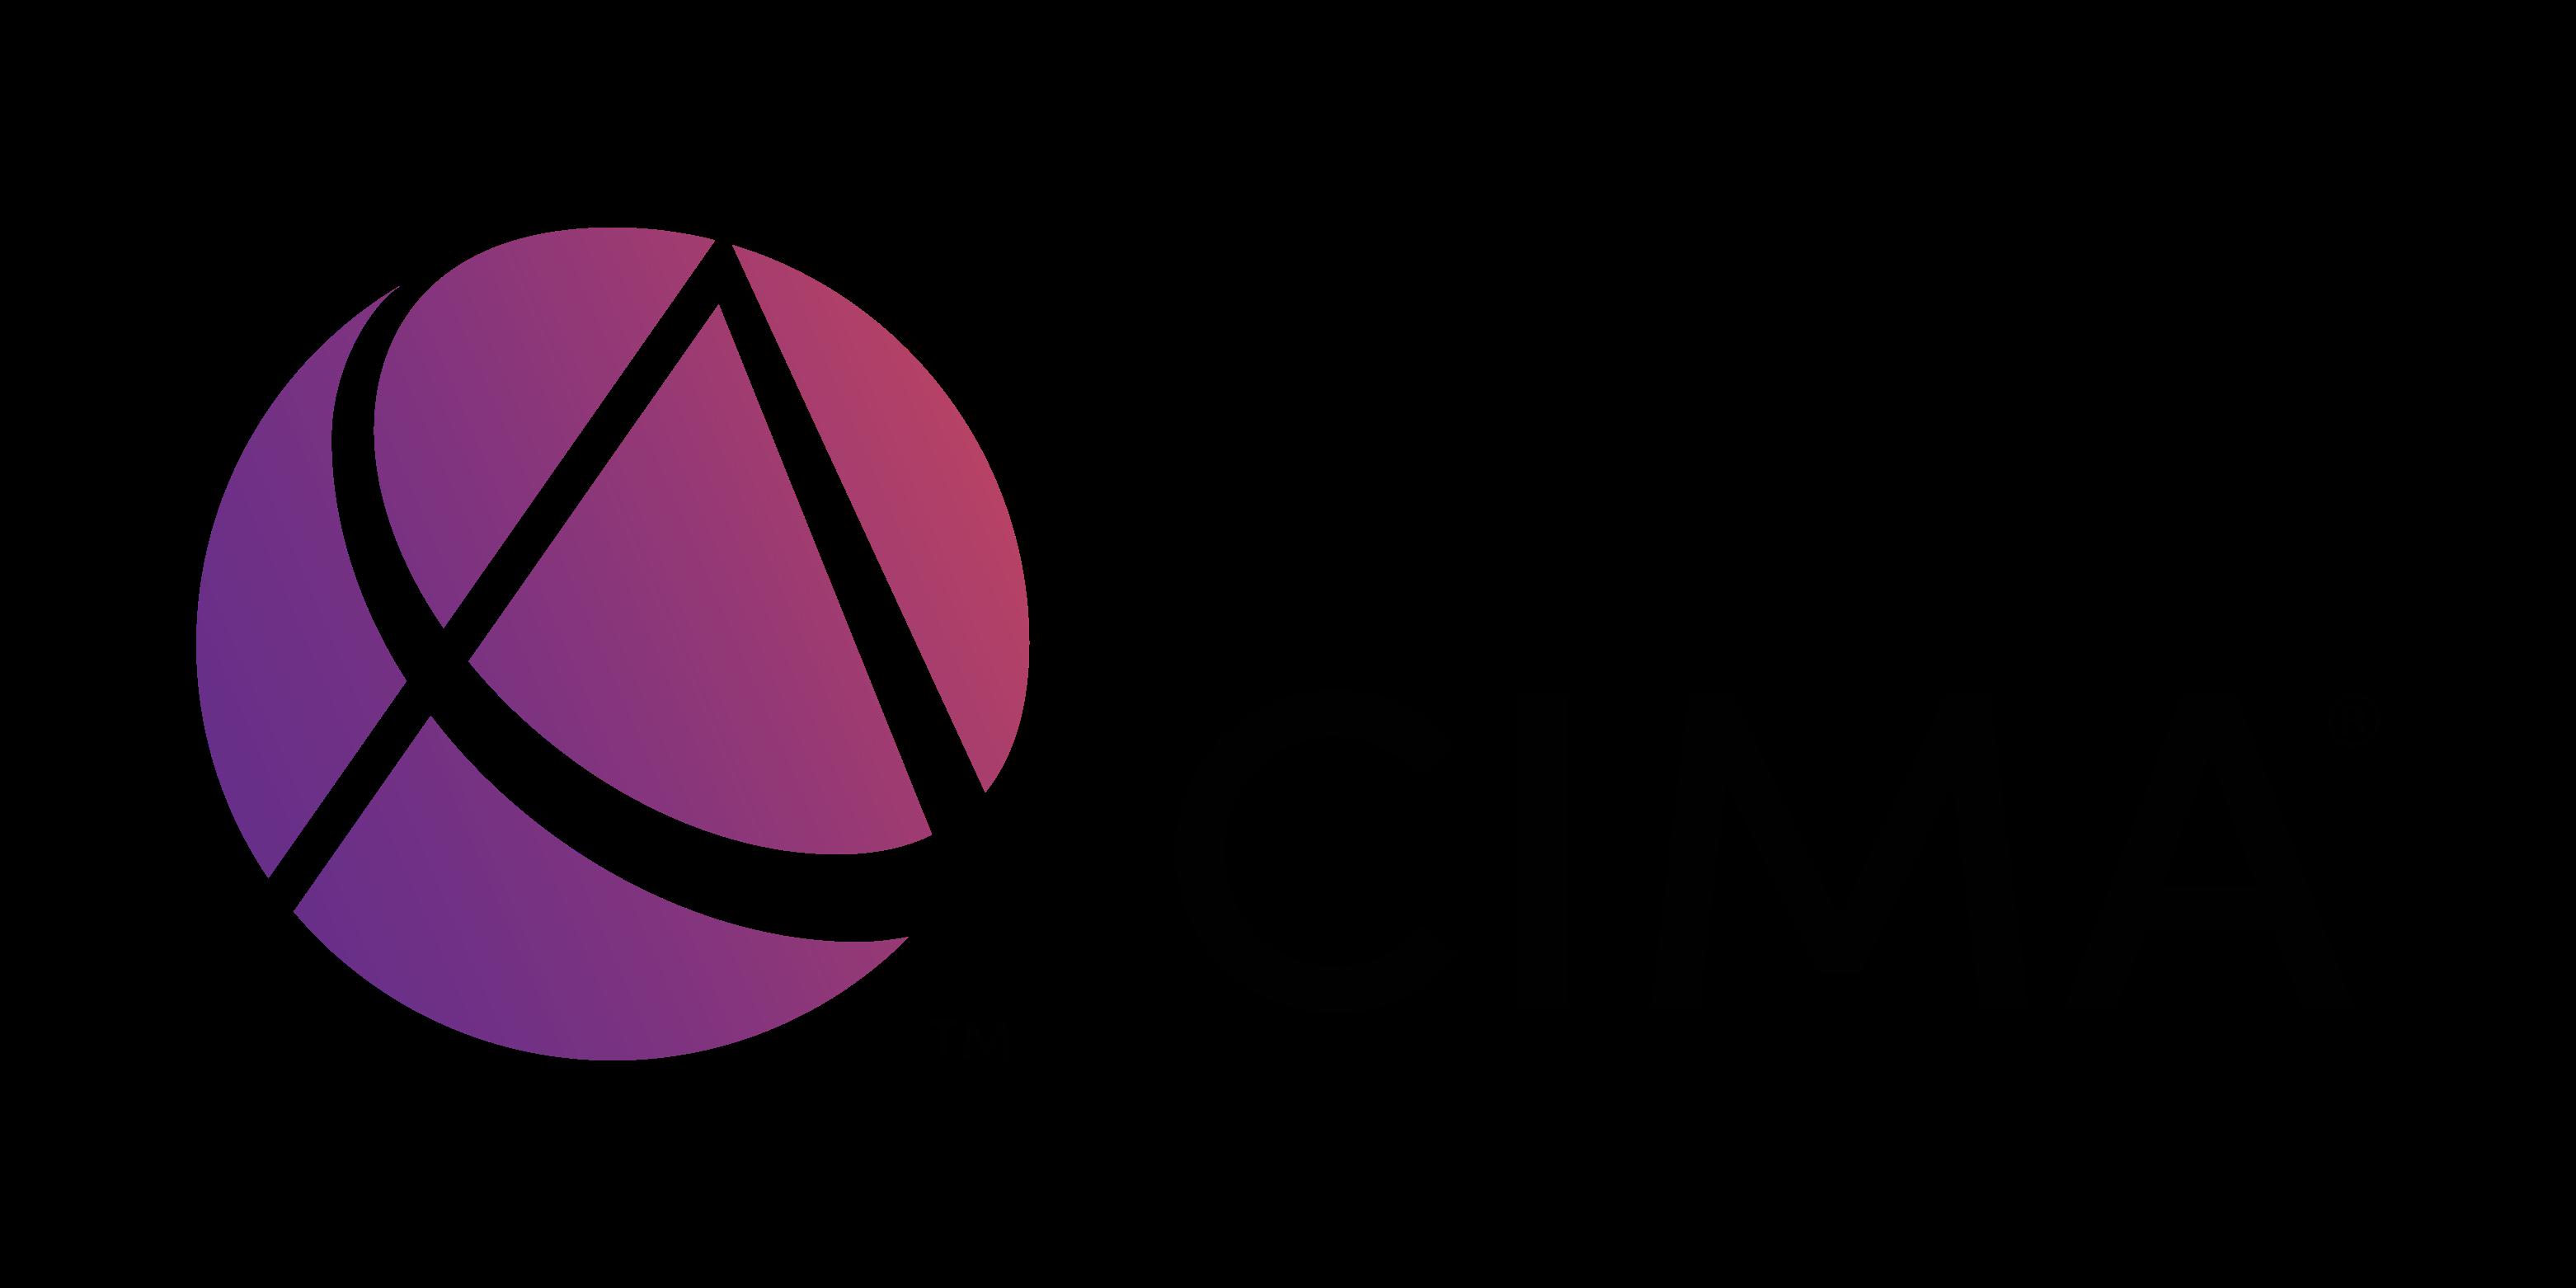 https://assets.roar.media/assets/6Sq3lskqFJ4UmVOL_CIMA---Logo.png